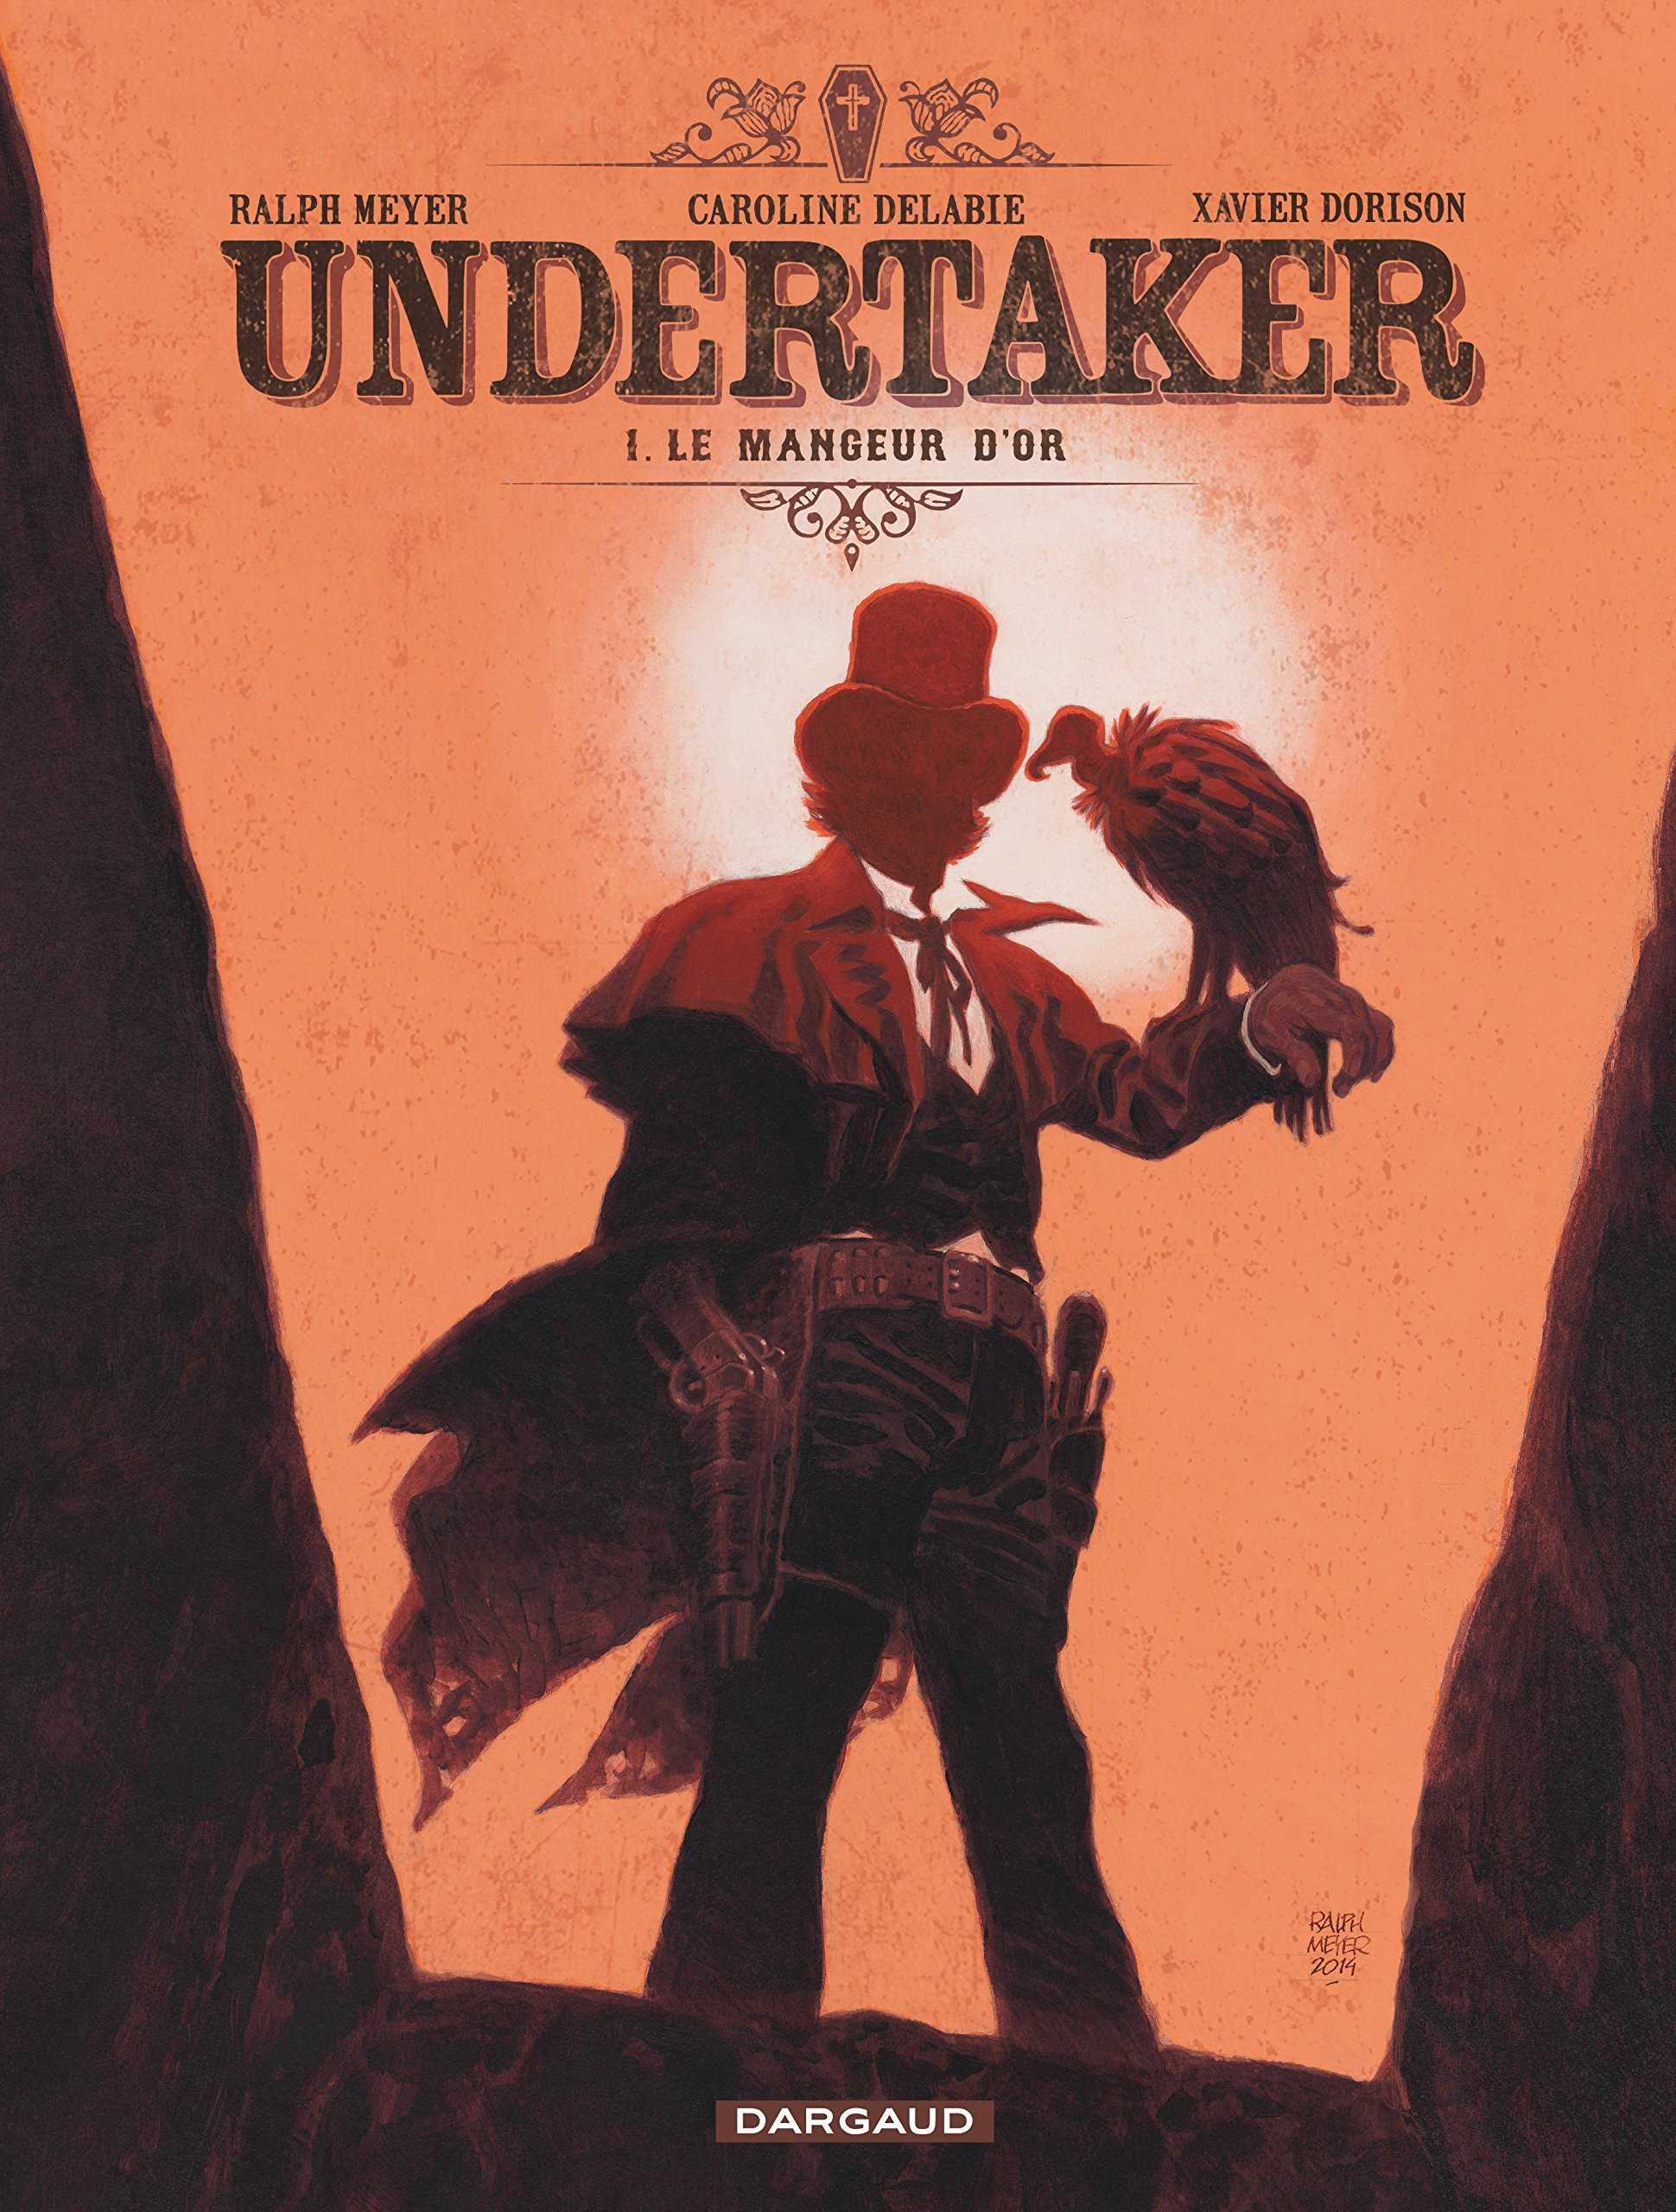 Deux nouveaux titres, Undertaker et Le Grand méchant renard, pour le prochain Prix des libraires BD